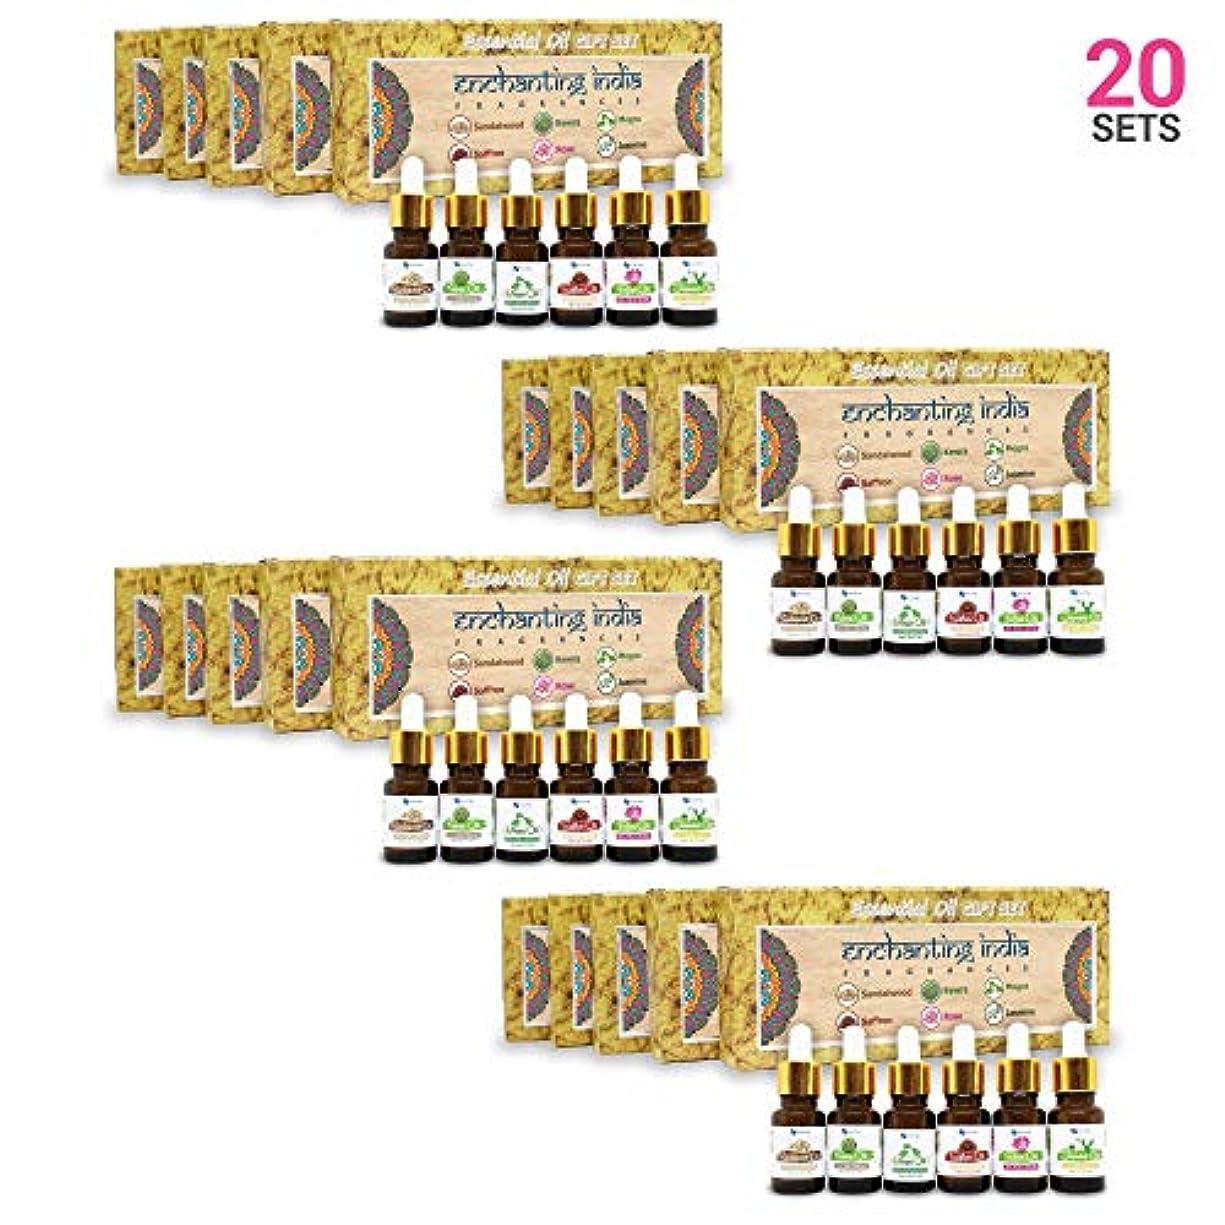 風変わりな鷹セマフォAromatherapy Fragrance Oils (Set of 20) - 100% Pure & Natural Therapeutic Essential Oils, 10ml each (Sandalwood...